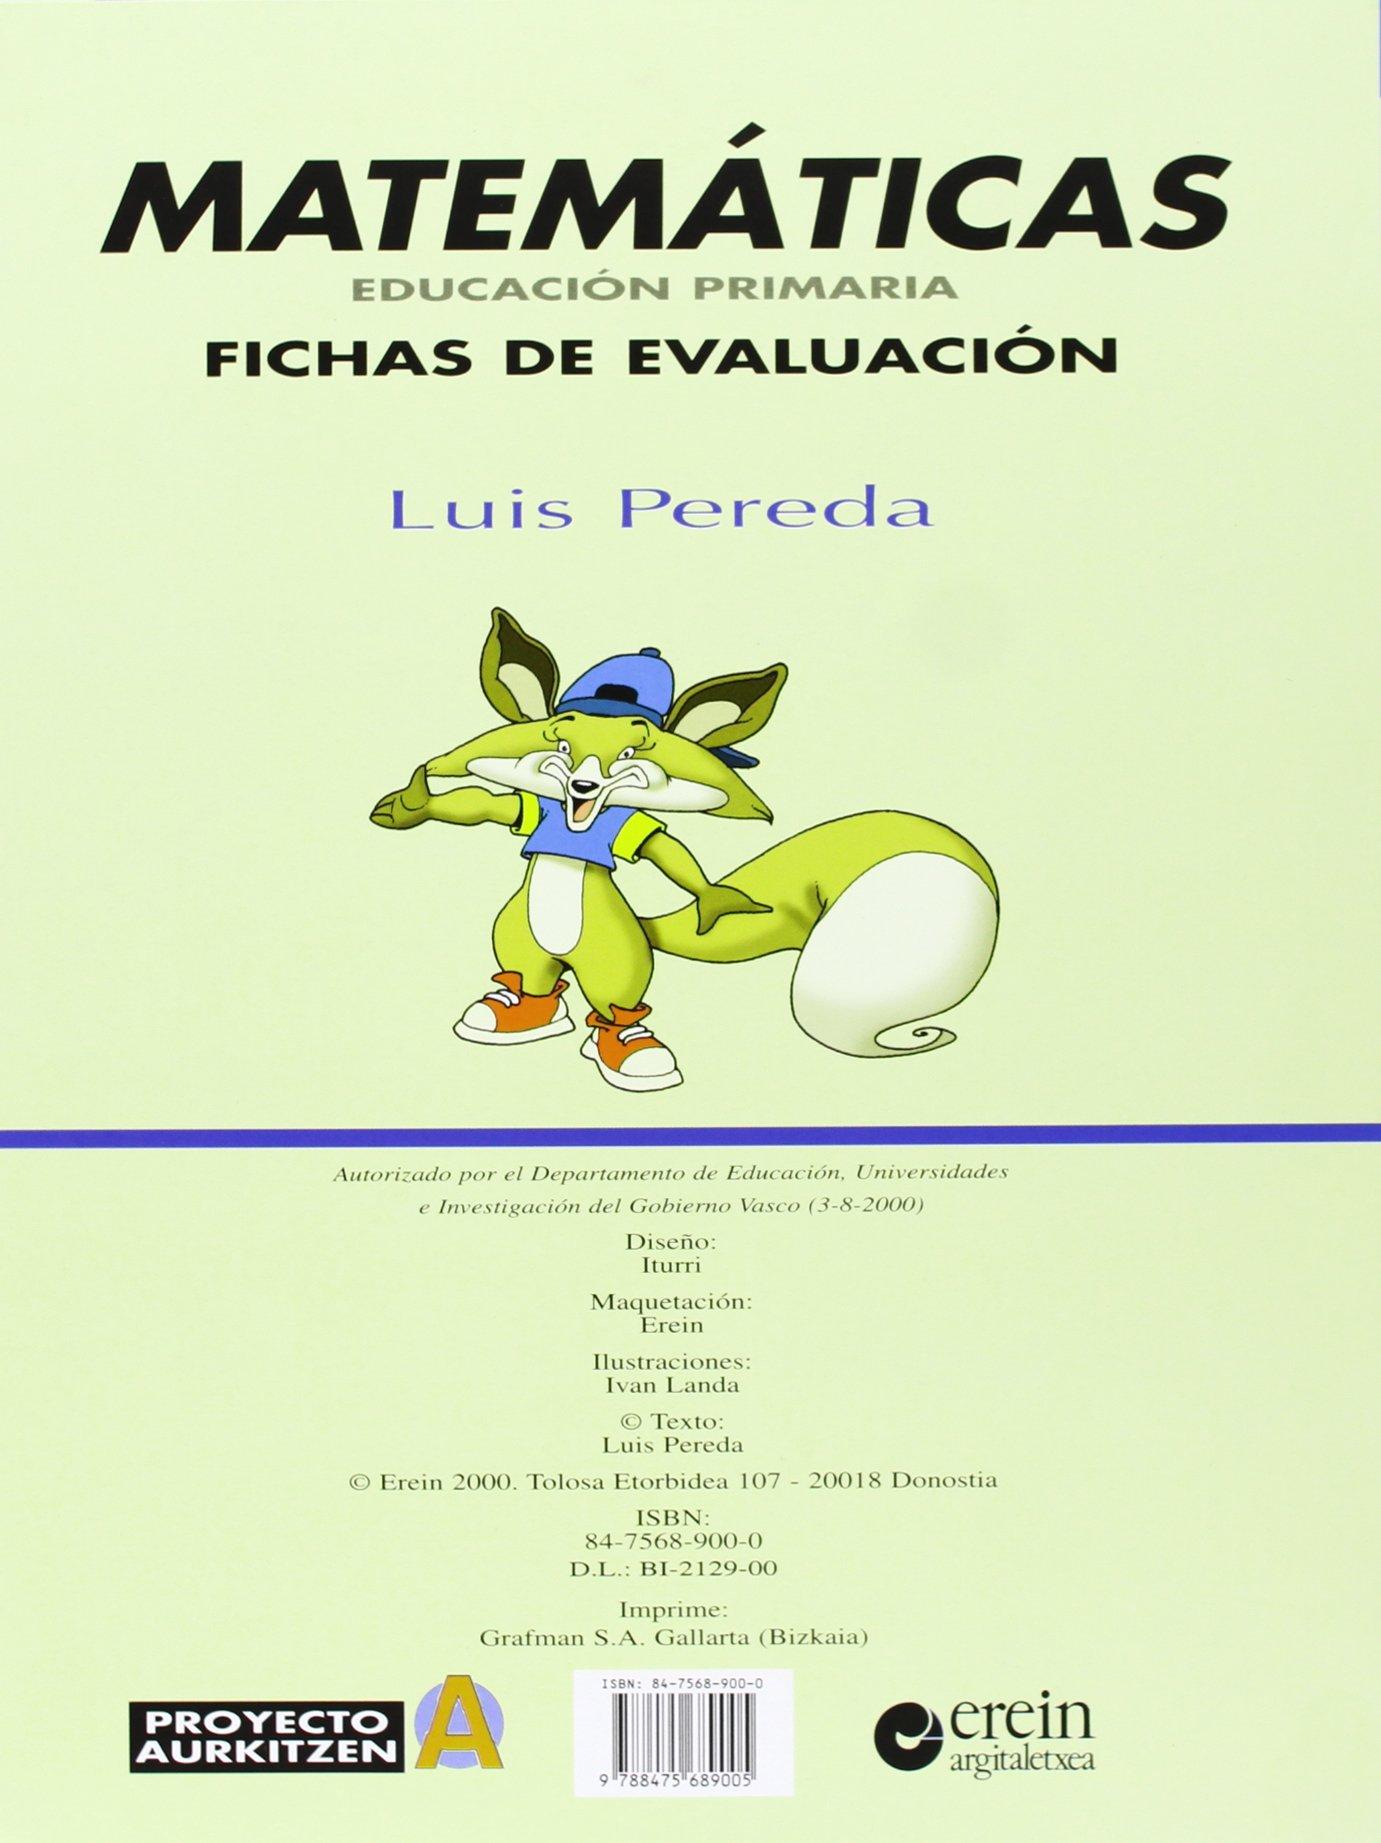 Matematicas E.Primaria Fichas Eva - 9788475689005: Amazon.es: Luis Pereda Ortiz del Río, Ivan Landa: Libros